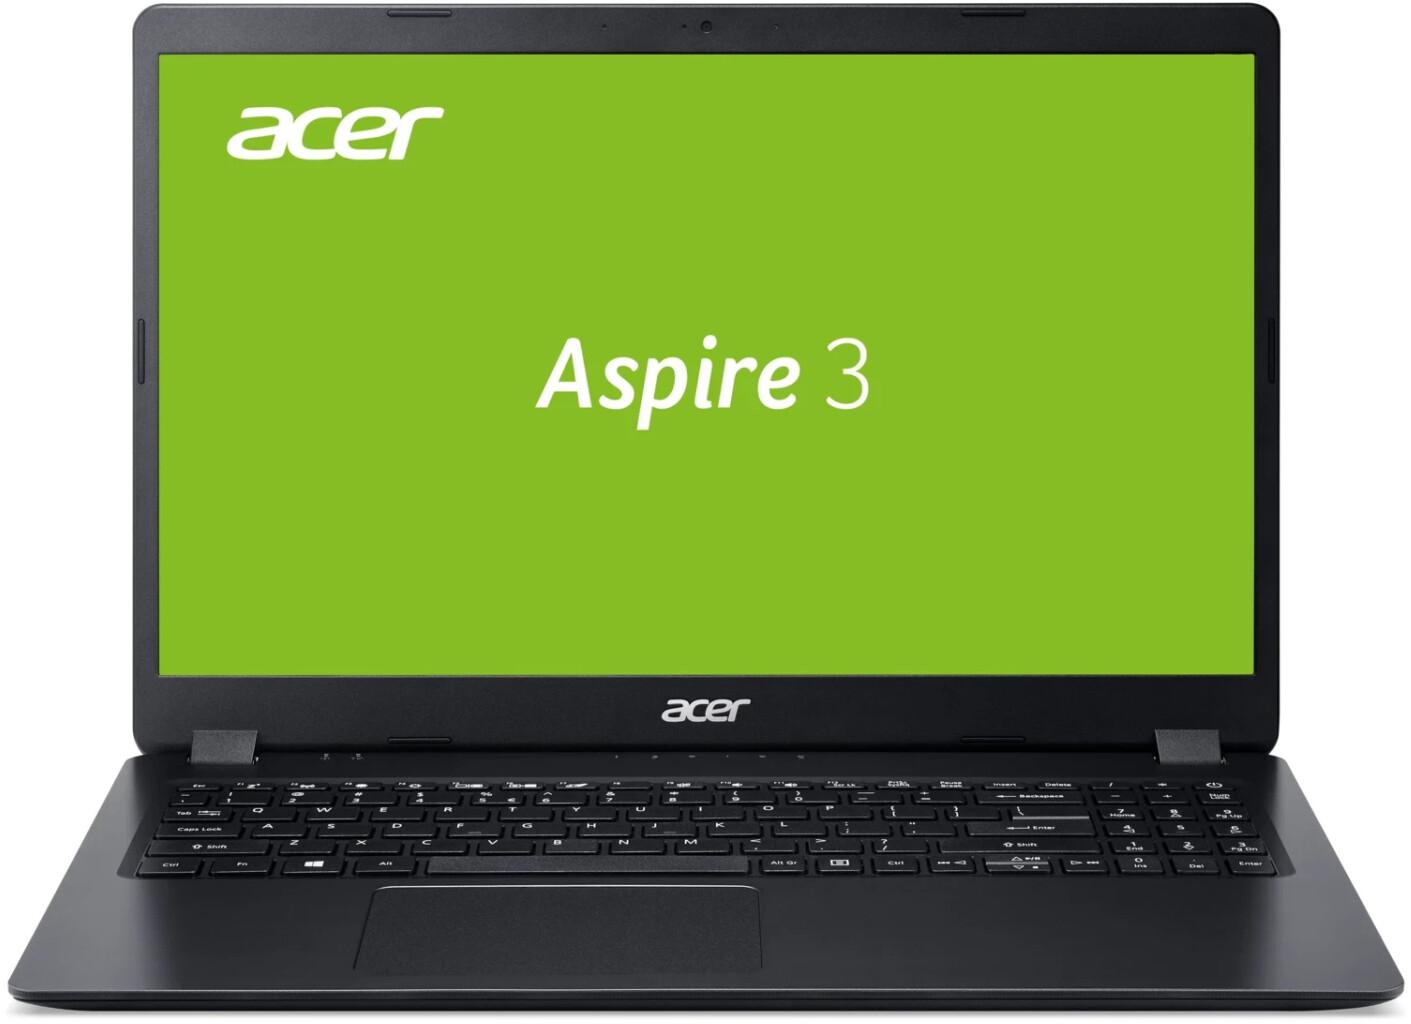 ACER Aspire 3 (A315-42-R7KK), Notebook, 16 GB RAM, 512 SSD, AMD Ryzen 7 3700U, Win 10 Home (64 Bit) + Microsoft Office 365 Single (44,65)